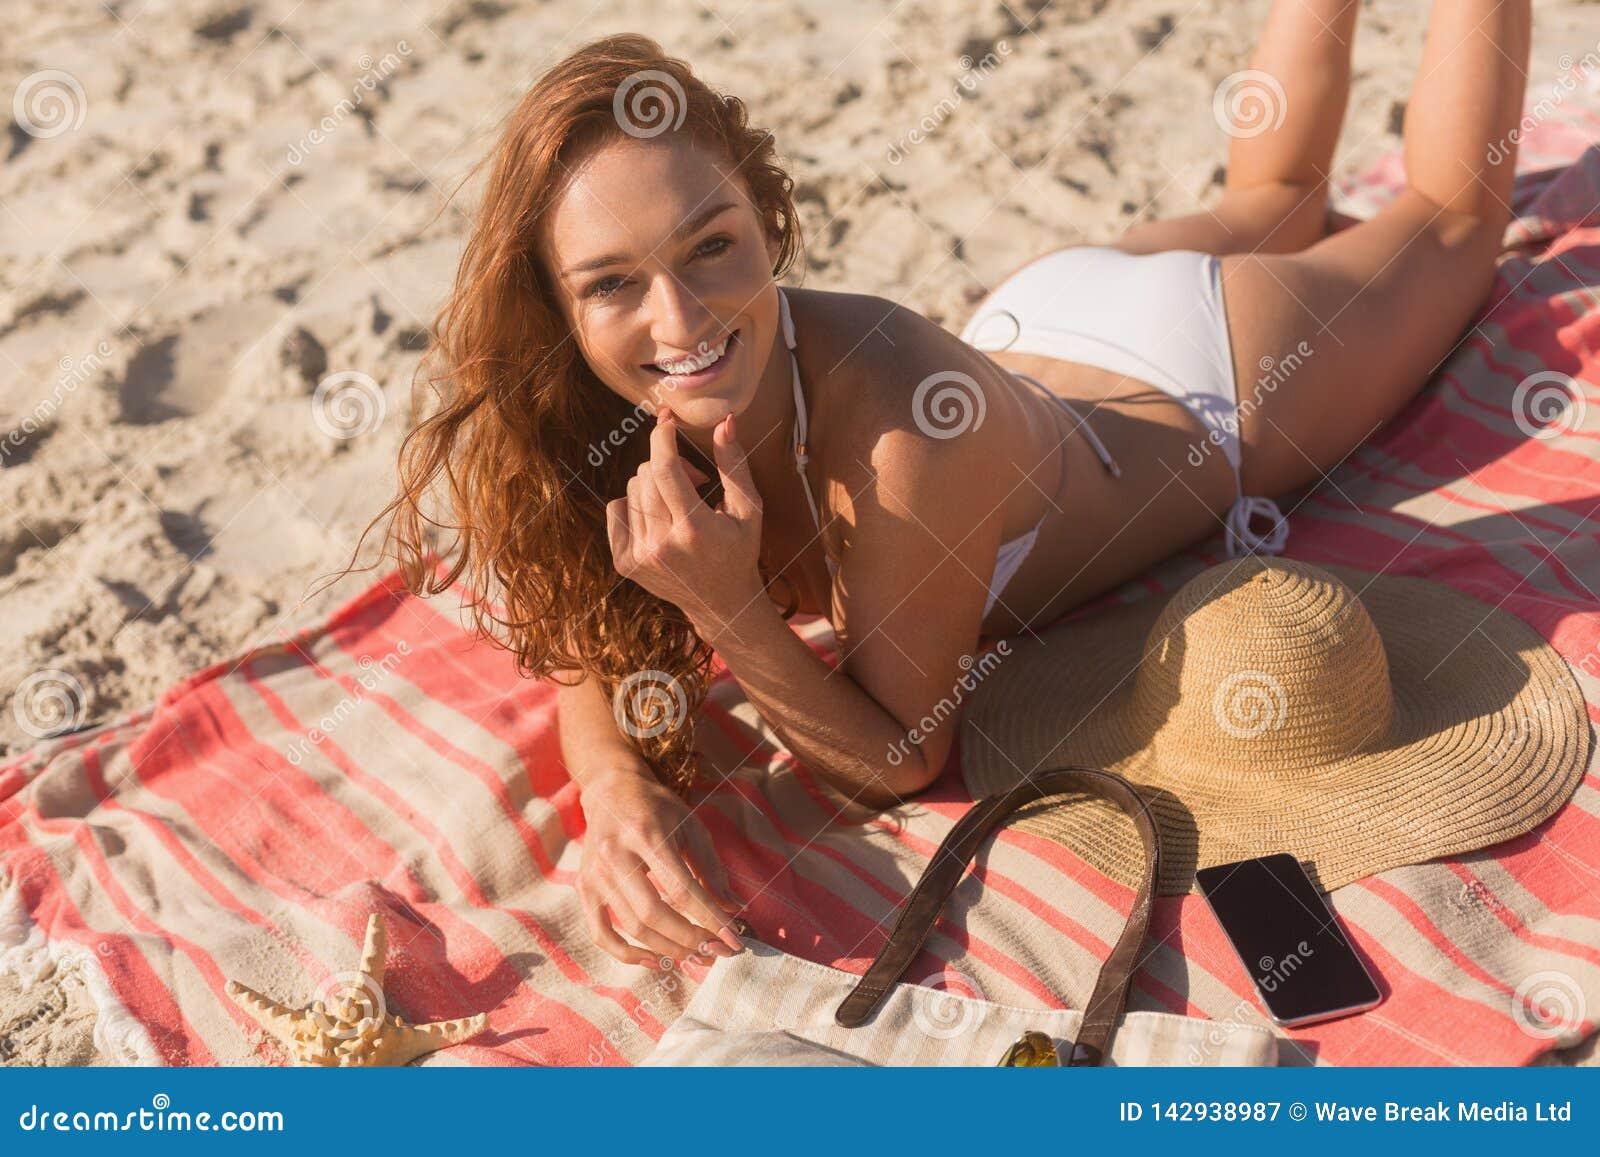 Junge kaukasische Frau im Bikini, der auf Sand liegt und Kamera auf dem Strand betrachtet